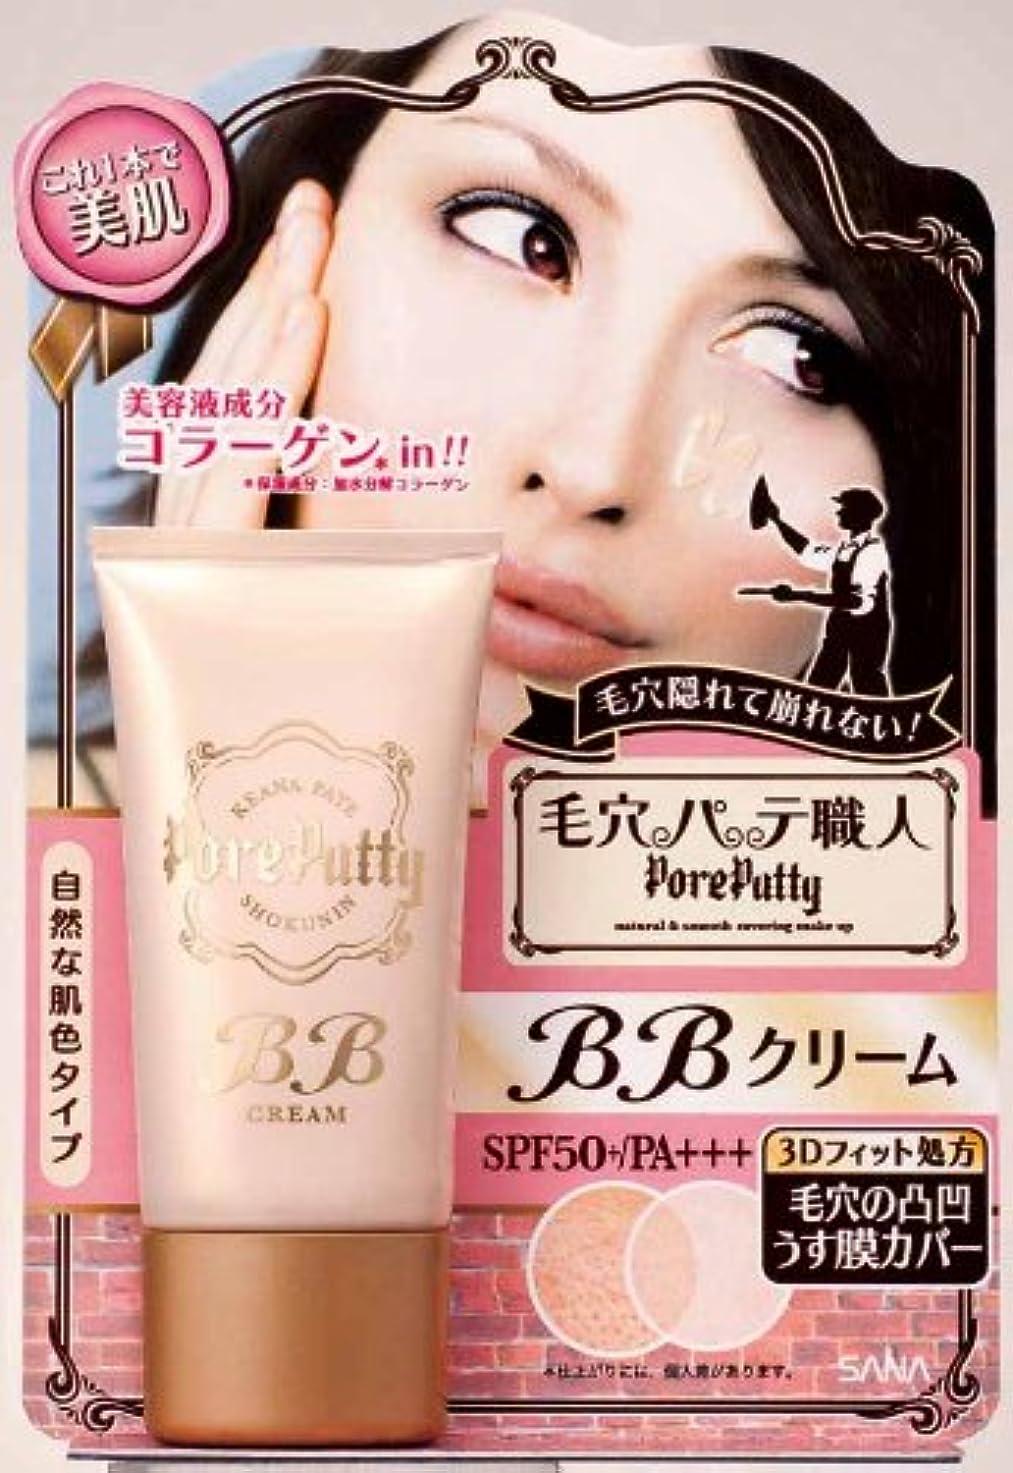 アクチュエータ有益な上に毛穴パテ職人 BBクリーム 自然な肌色 30g